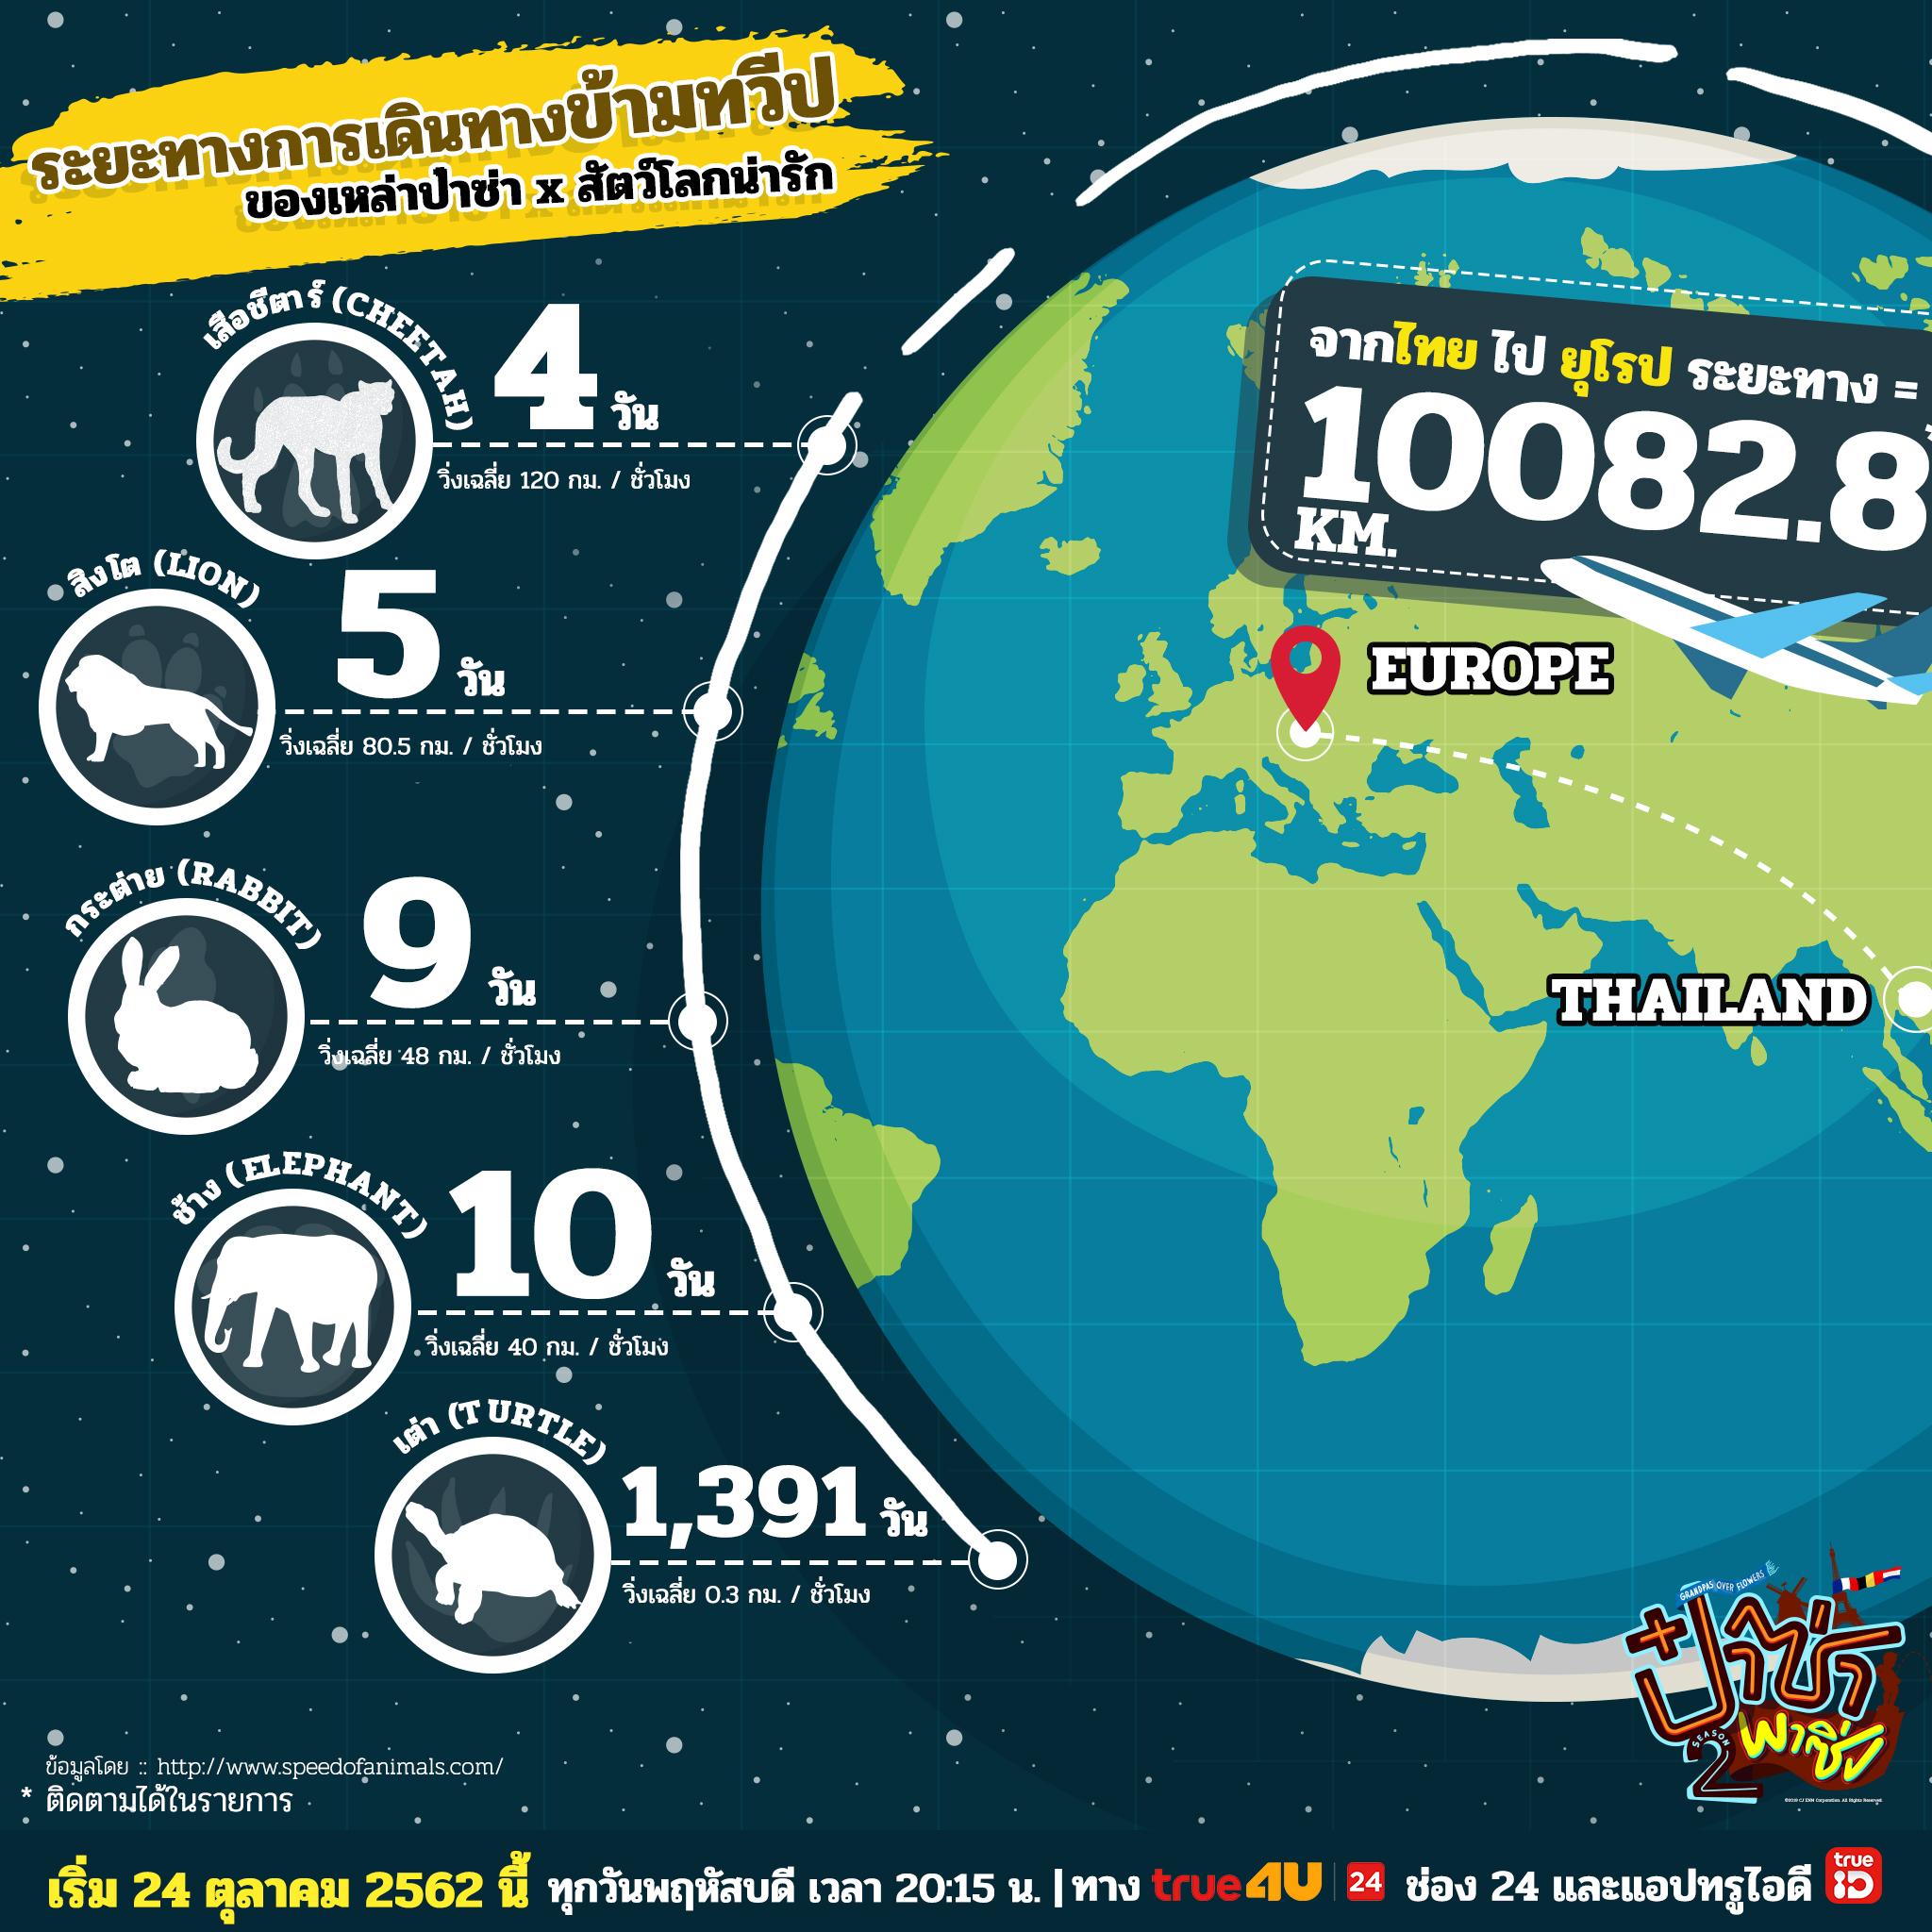 Scoop 3-1 ระยะทางจากไทย ถึง ยุโรป